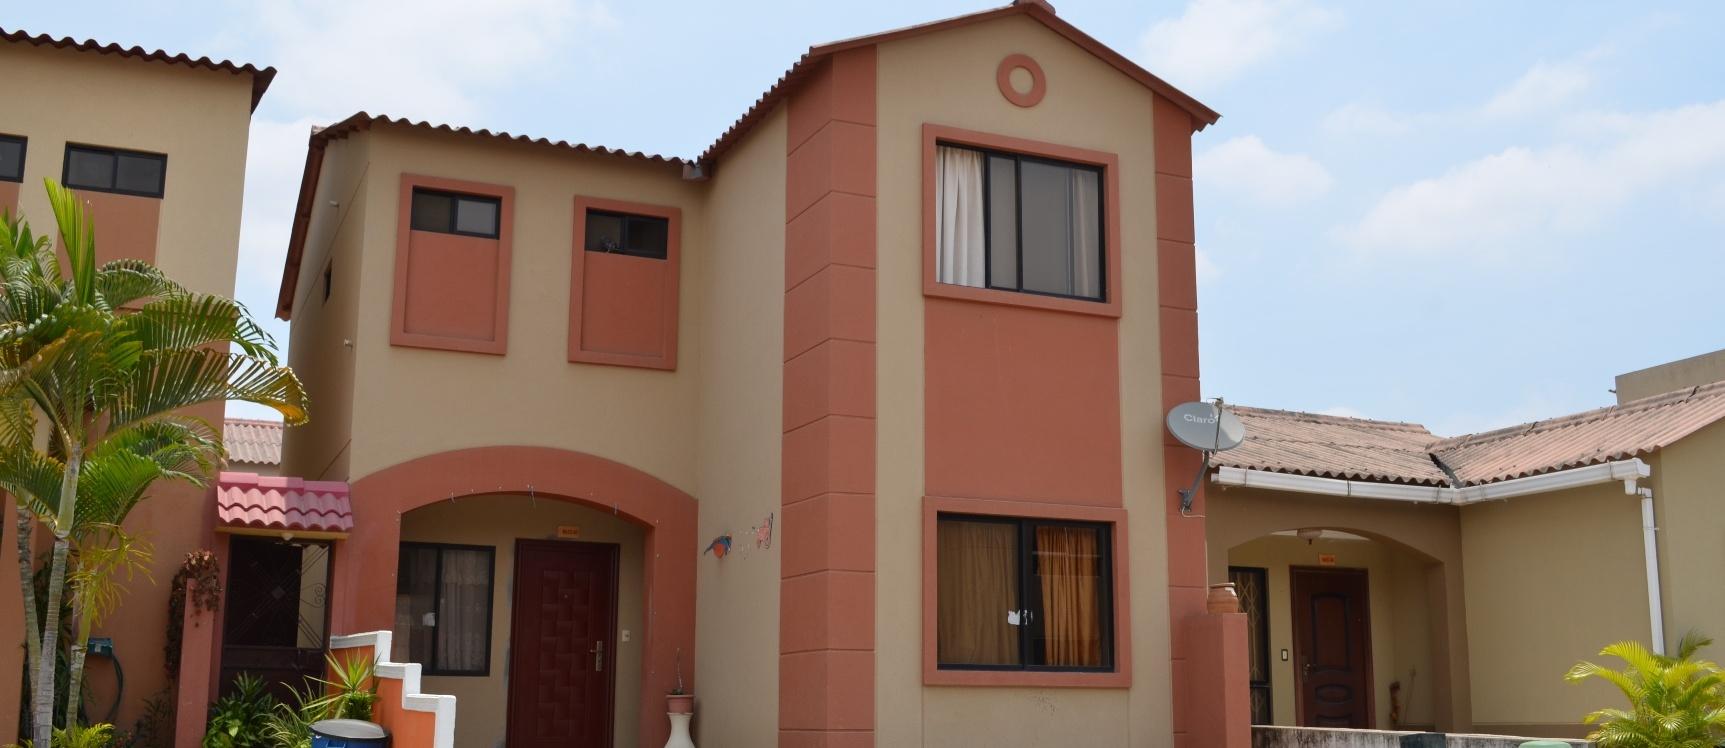 GeoBienes - Casa en Venta Villa Club Etapa Galaxia - Via Daule Samborondon  - Plusvalia Guayaquil Casas de venta y alquiler Inmobiliaria Ecuador